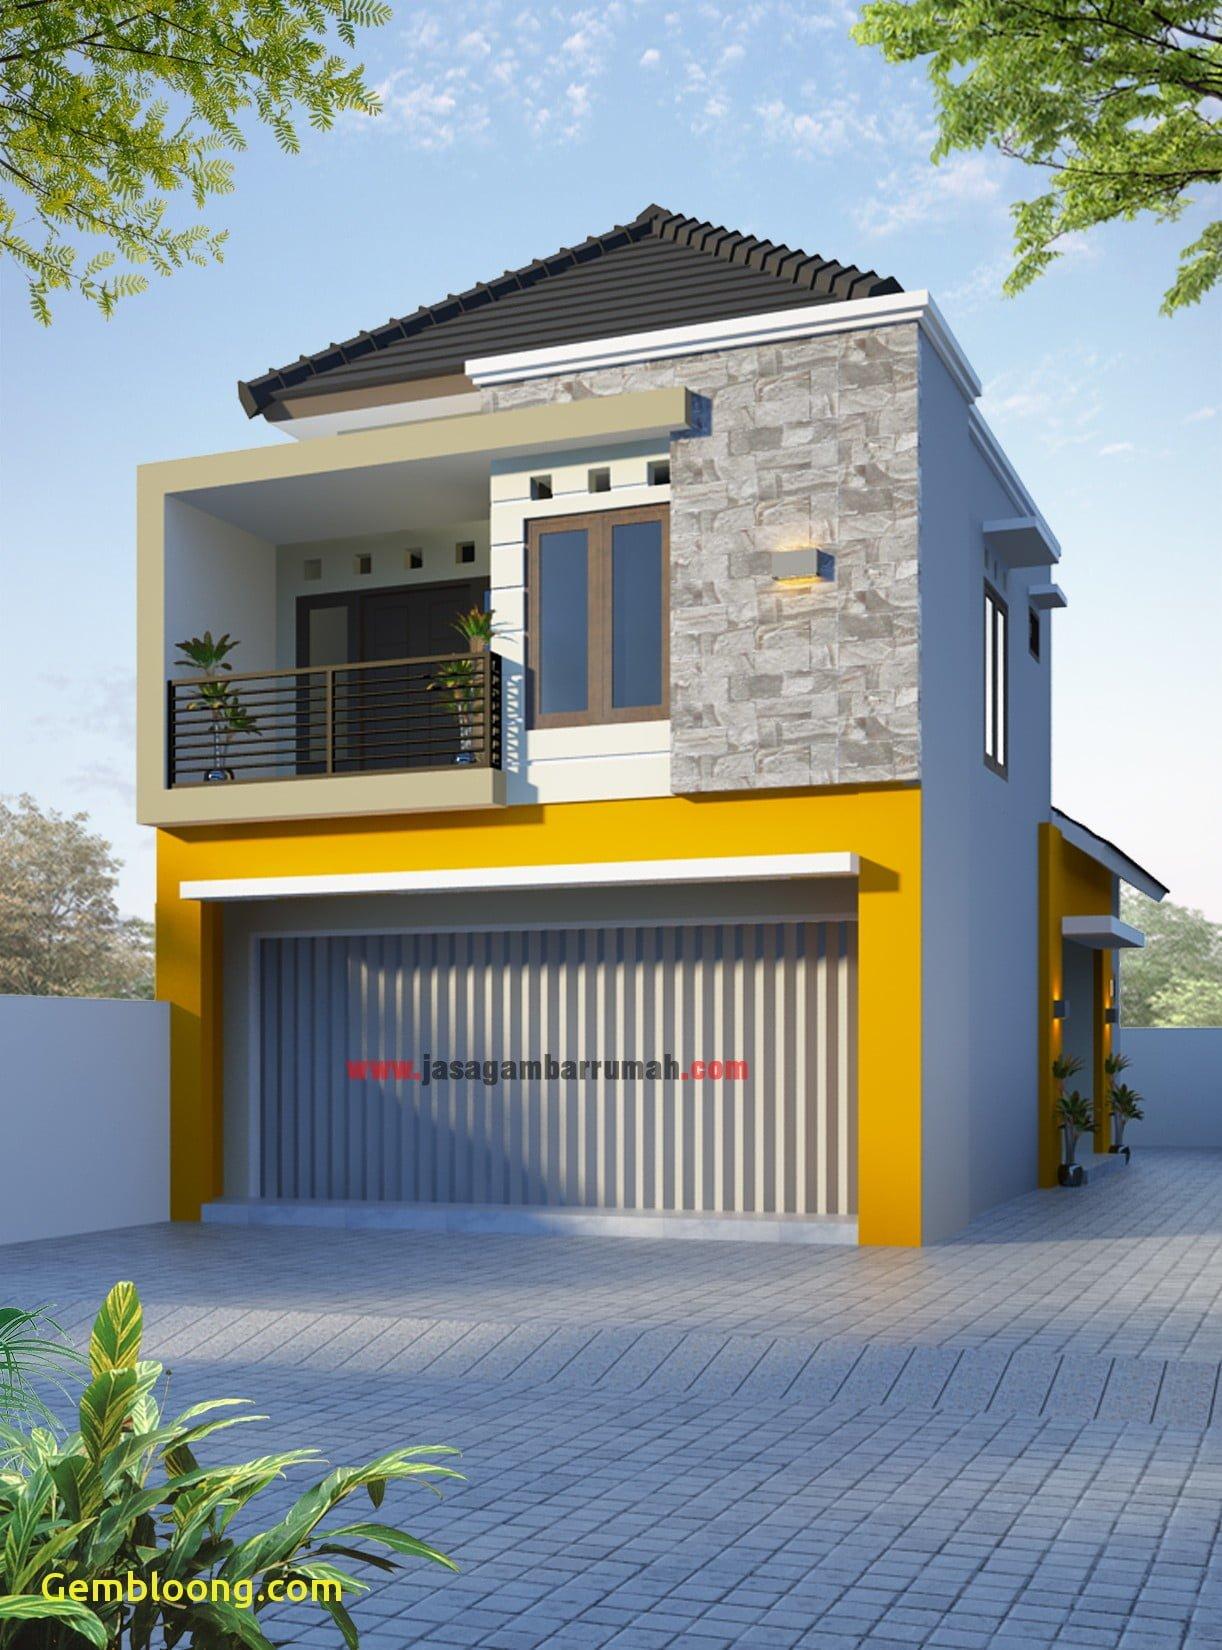 60 Gambar Desain Toko Minimalis Di Rumah Terbaru Dan Terlengkap